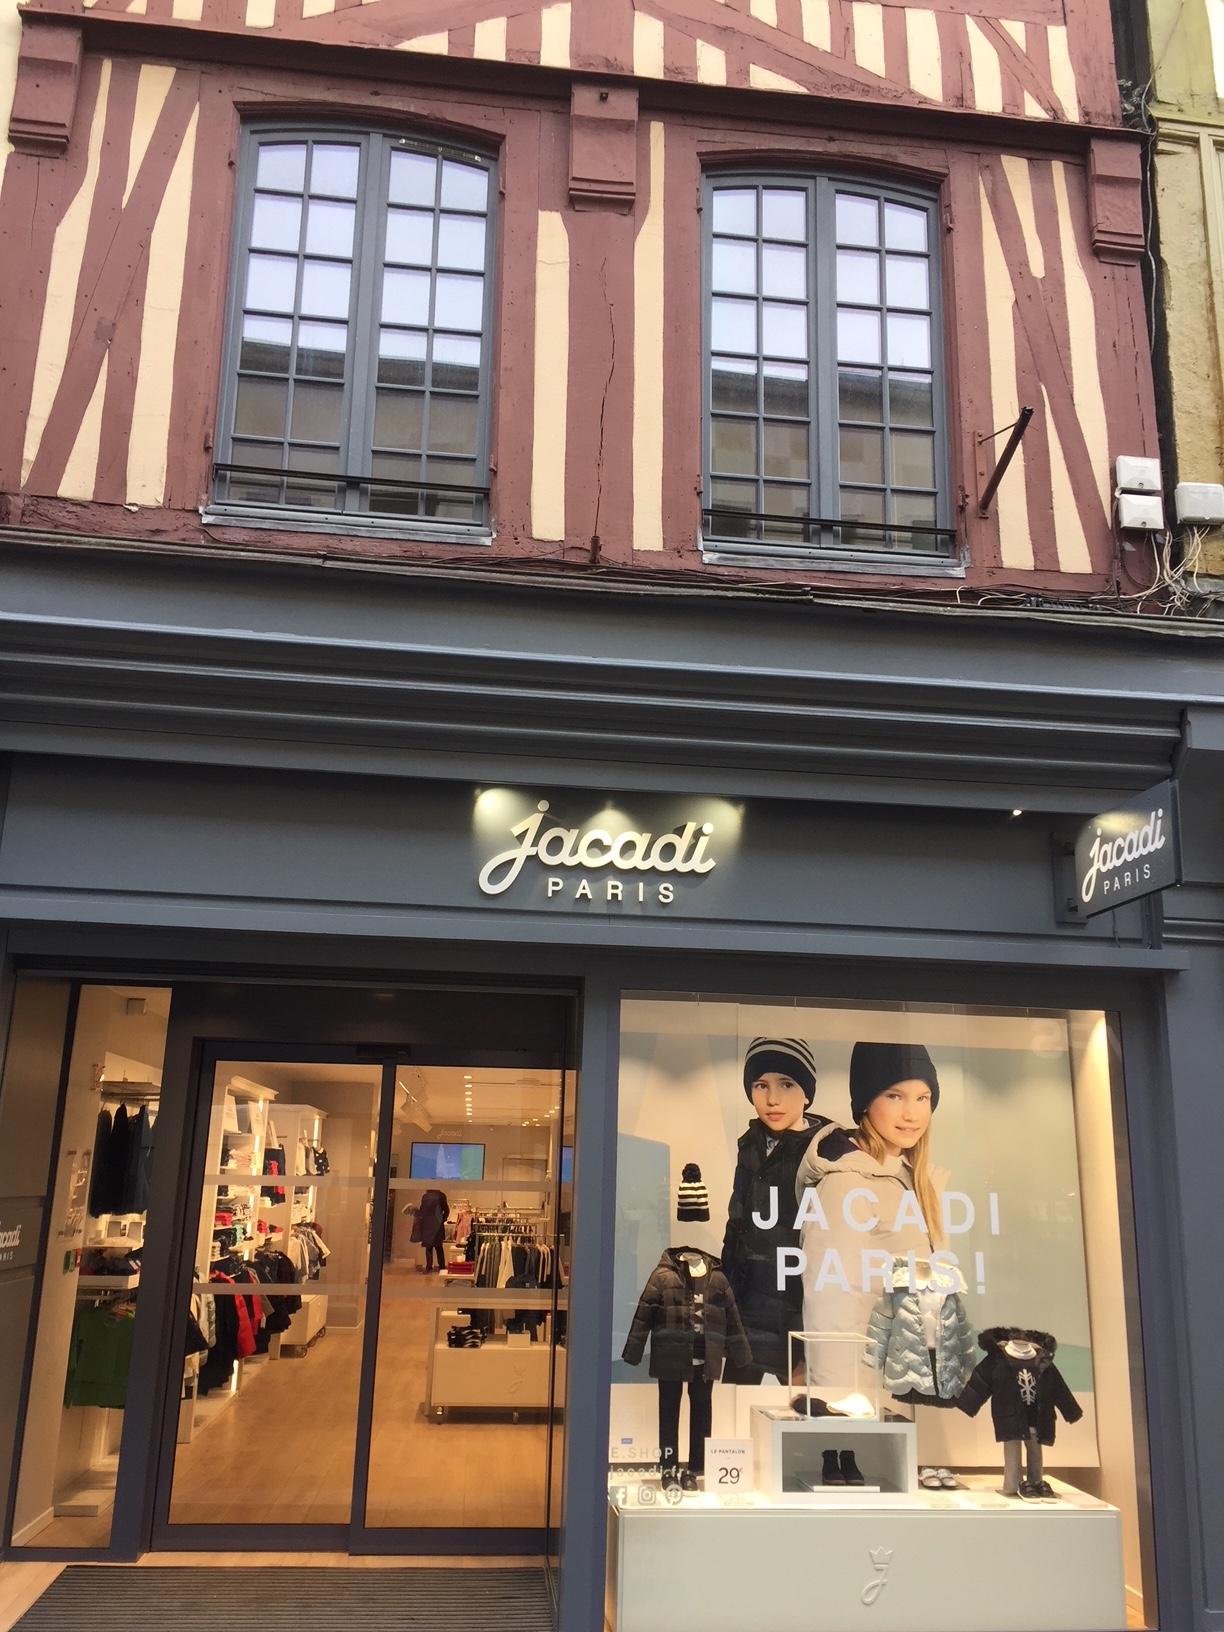 L'entreprise d'électricité générale Sedelec électricité a été missionnée pour effectuer la rénovation électrique complète du magasin Jacadi, rue du Gros Horloge à Rouen en Normandie.